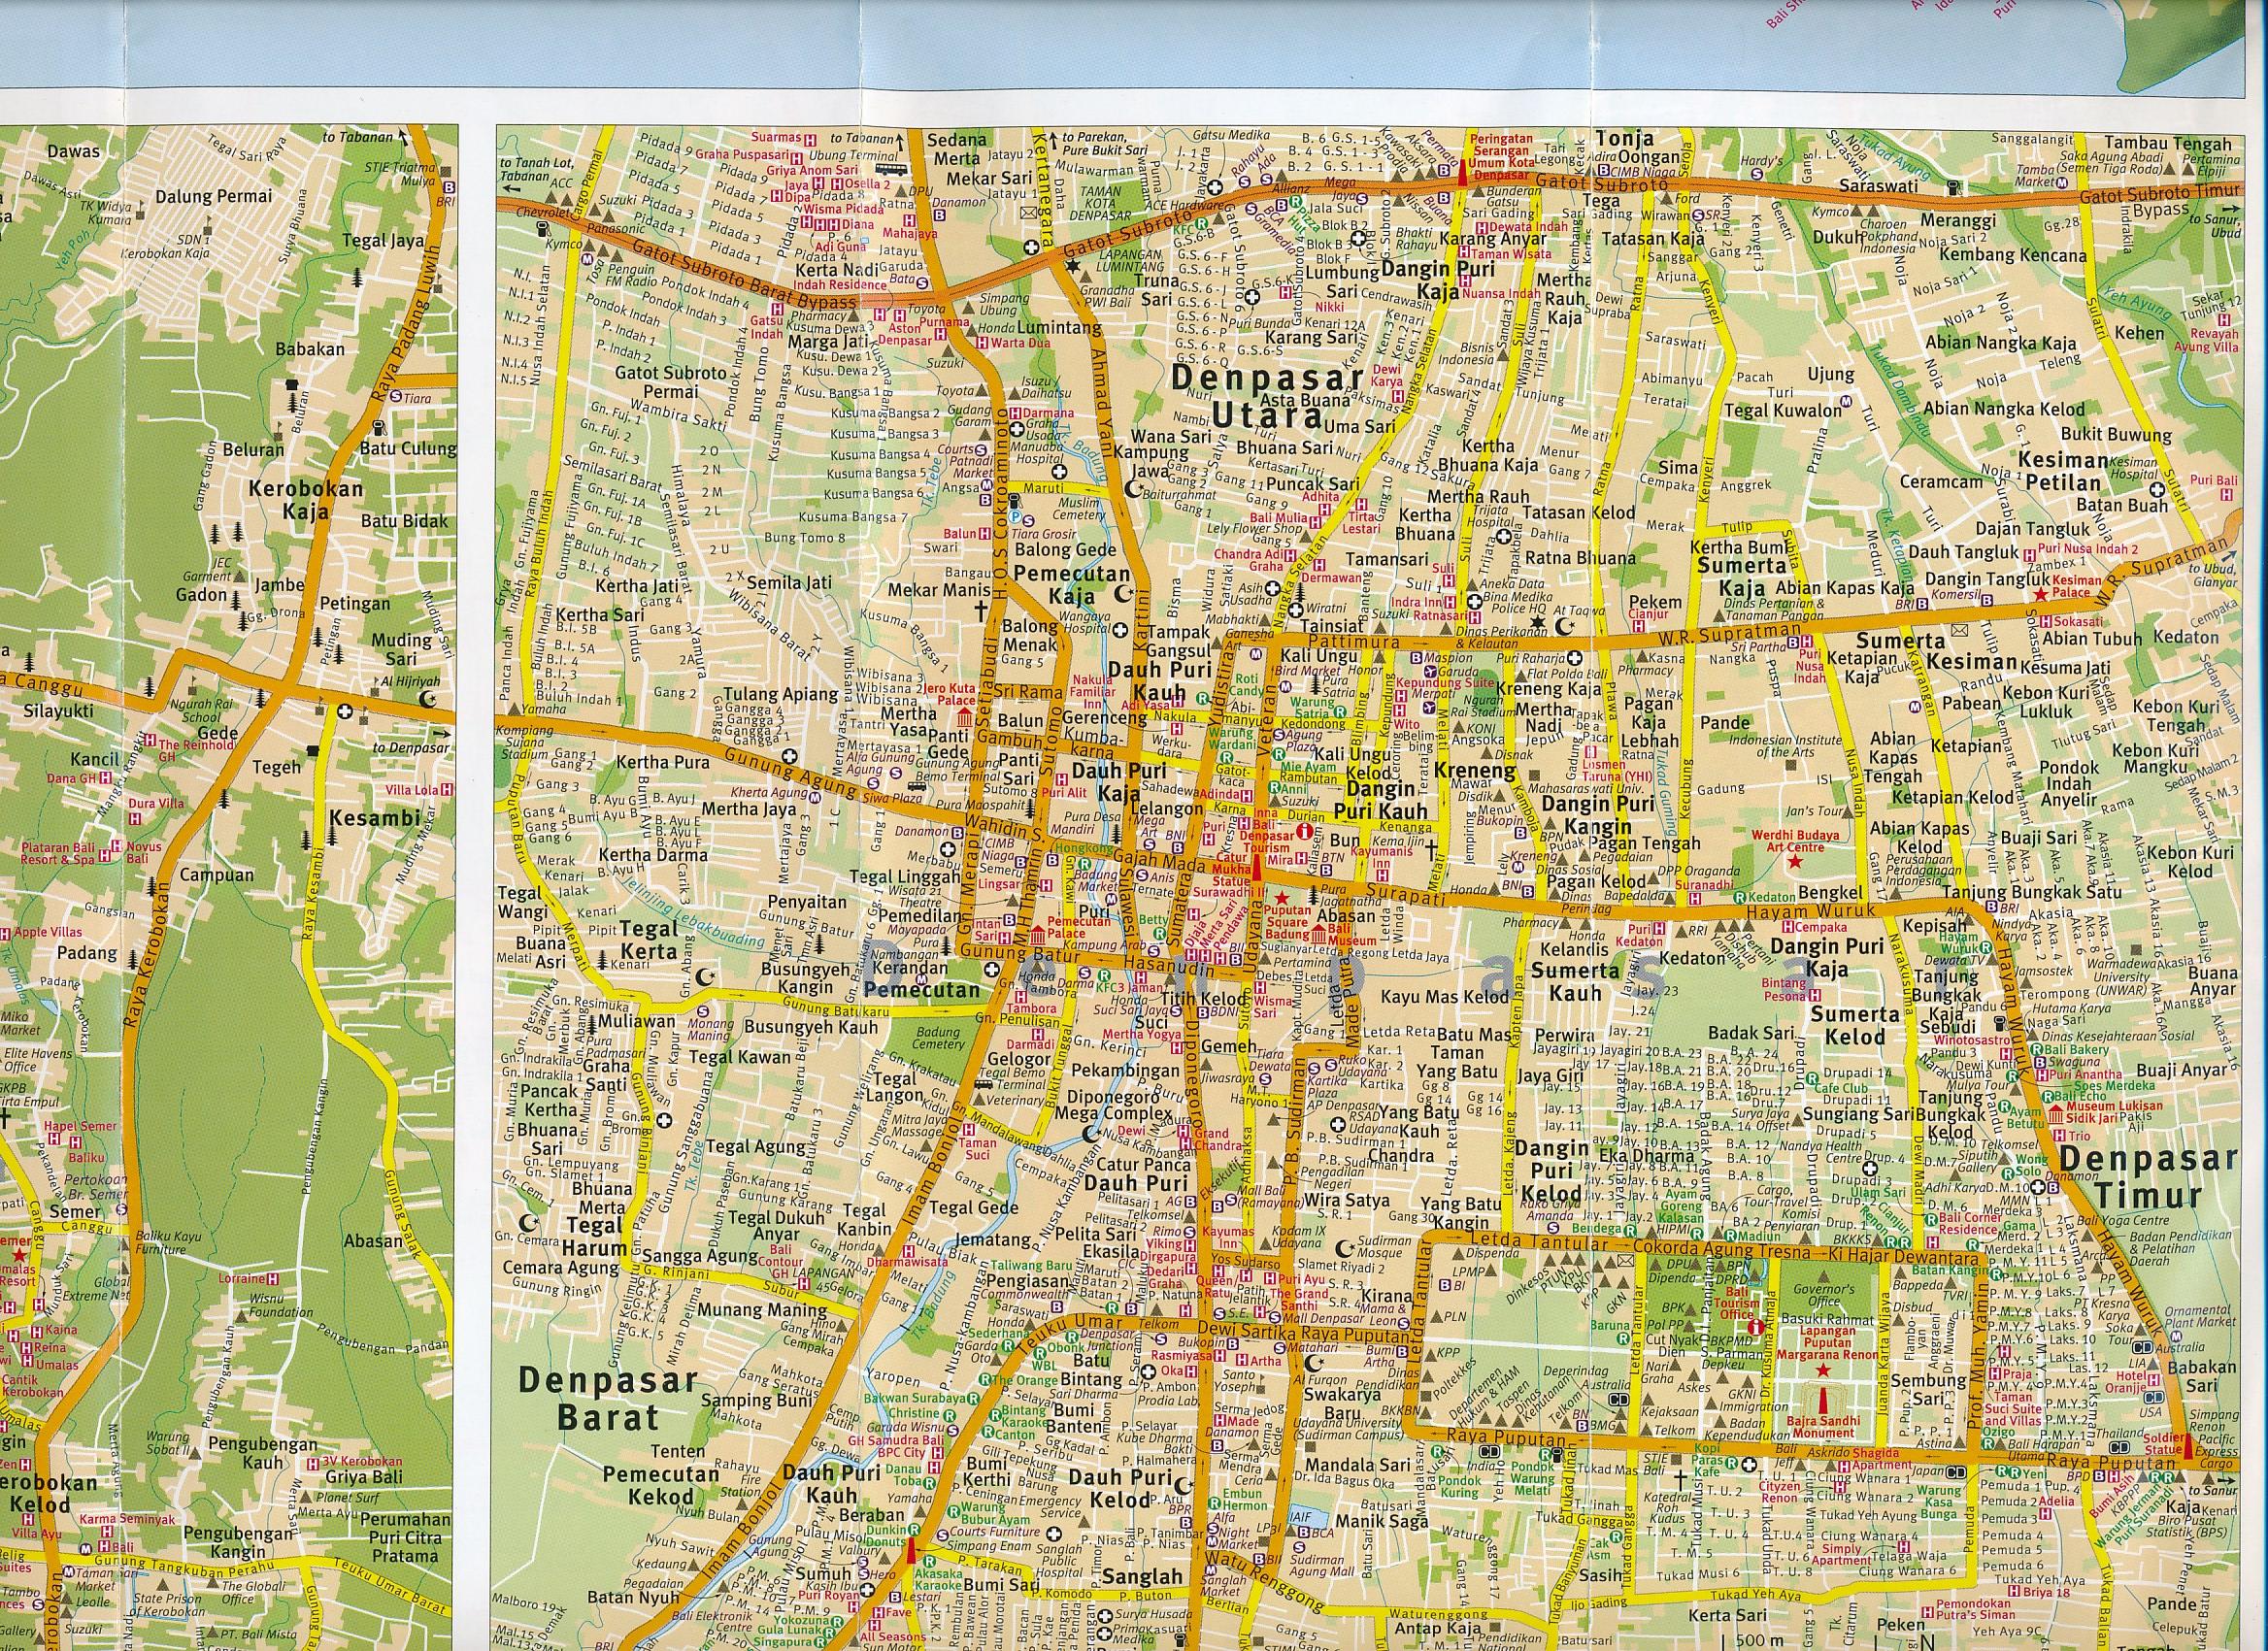 Wegenkaart landkaart bali periplus 9780794607395 wegenkaart landkaart bali periplus altavistaventures Gallery